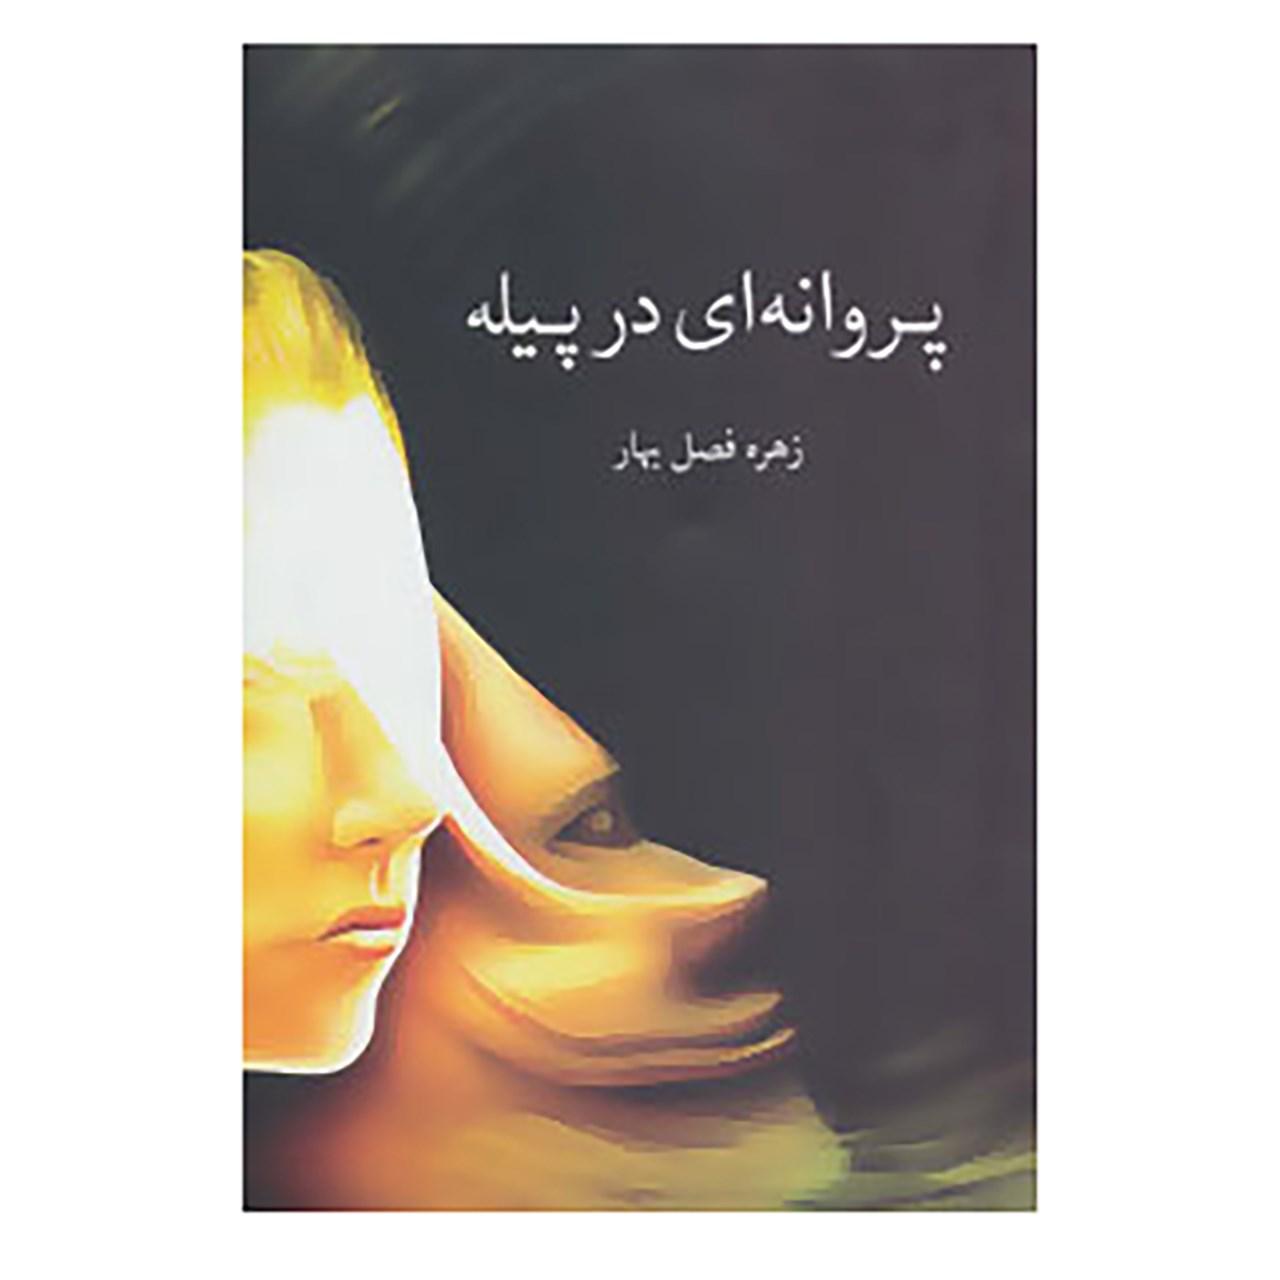 کتاب رمان ایرانی18 اثر زهره فصل بهار